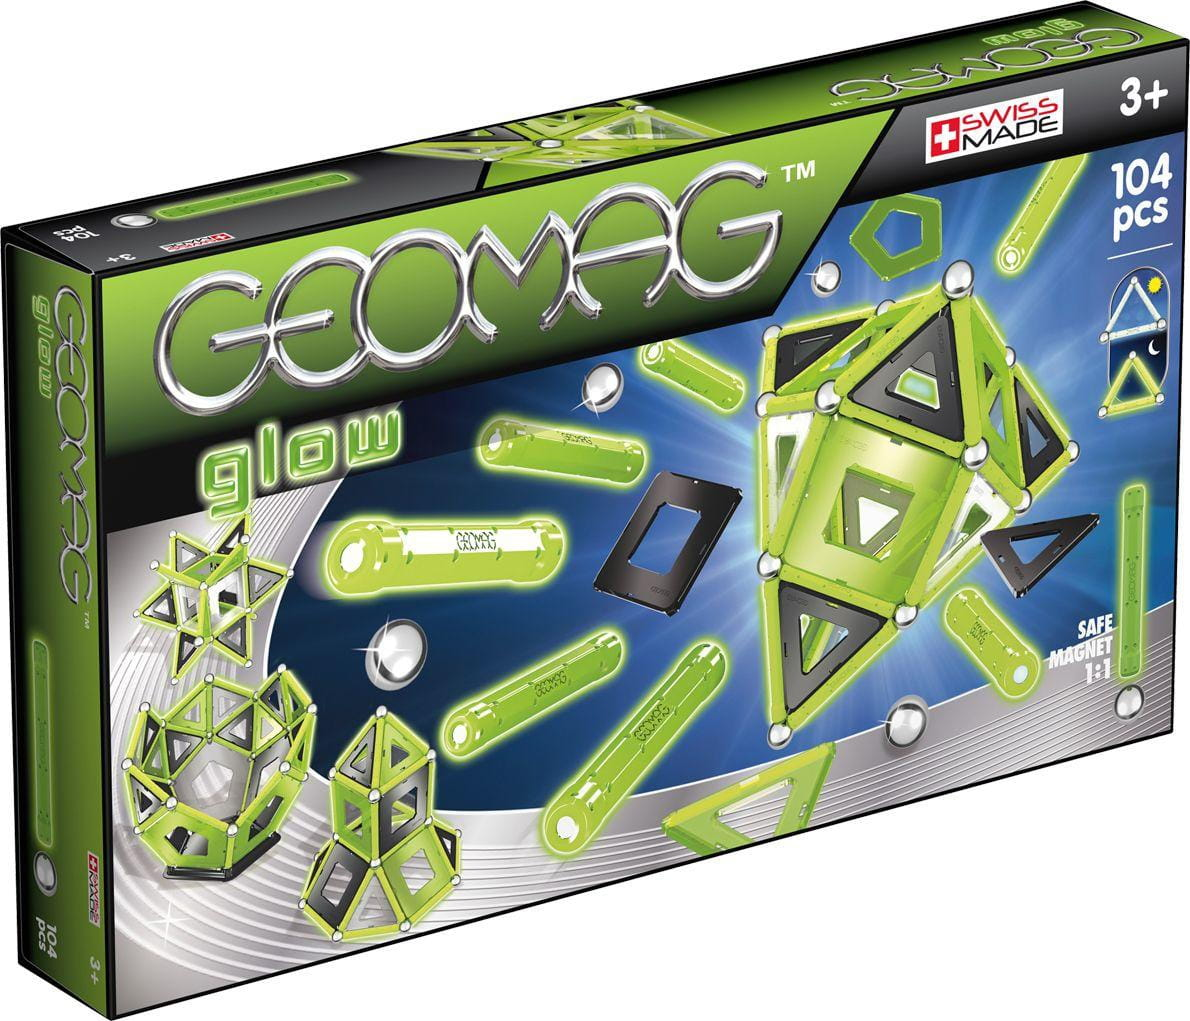 Магнитный конструктор GEOMAG Glow  104 детали - Магнитные конструкторы